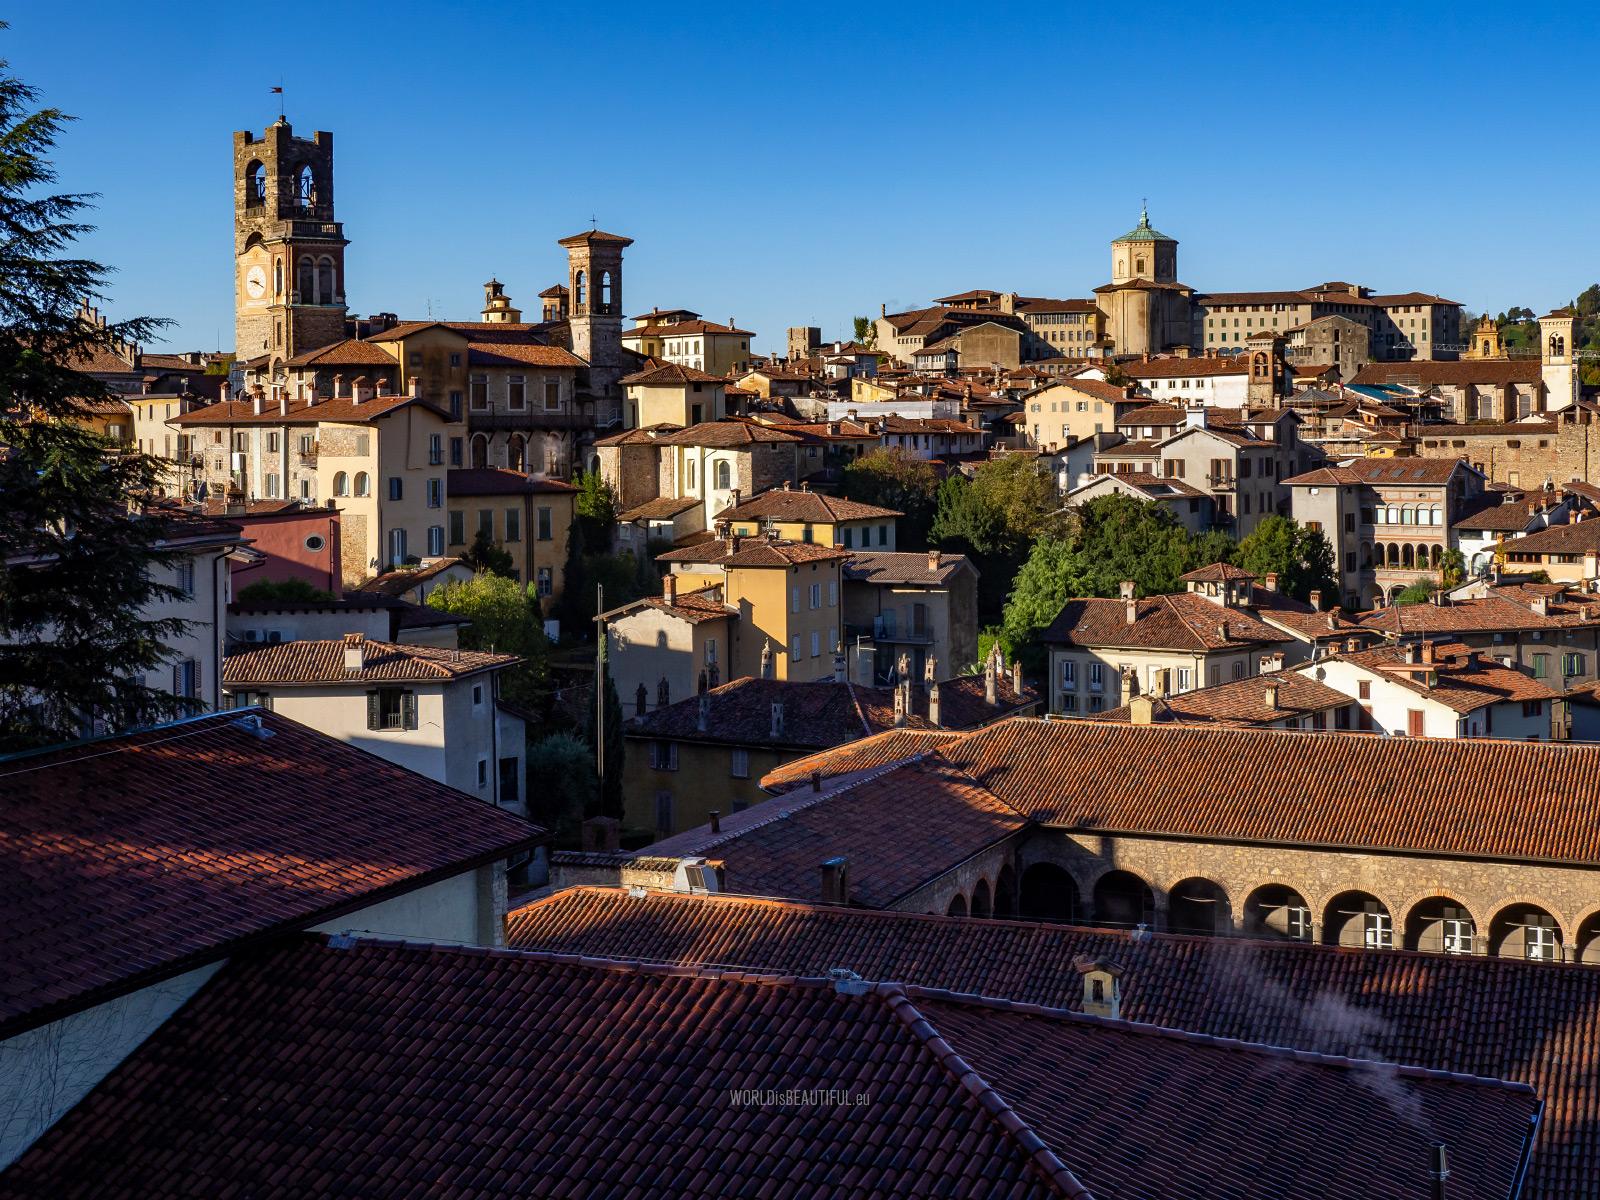 View from Rocca di Bergamo